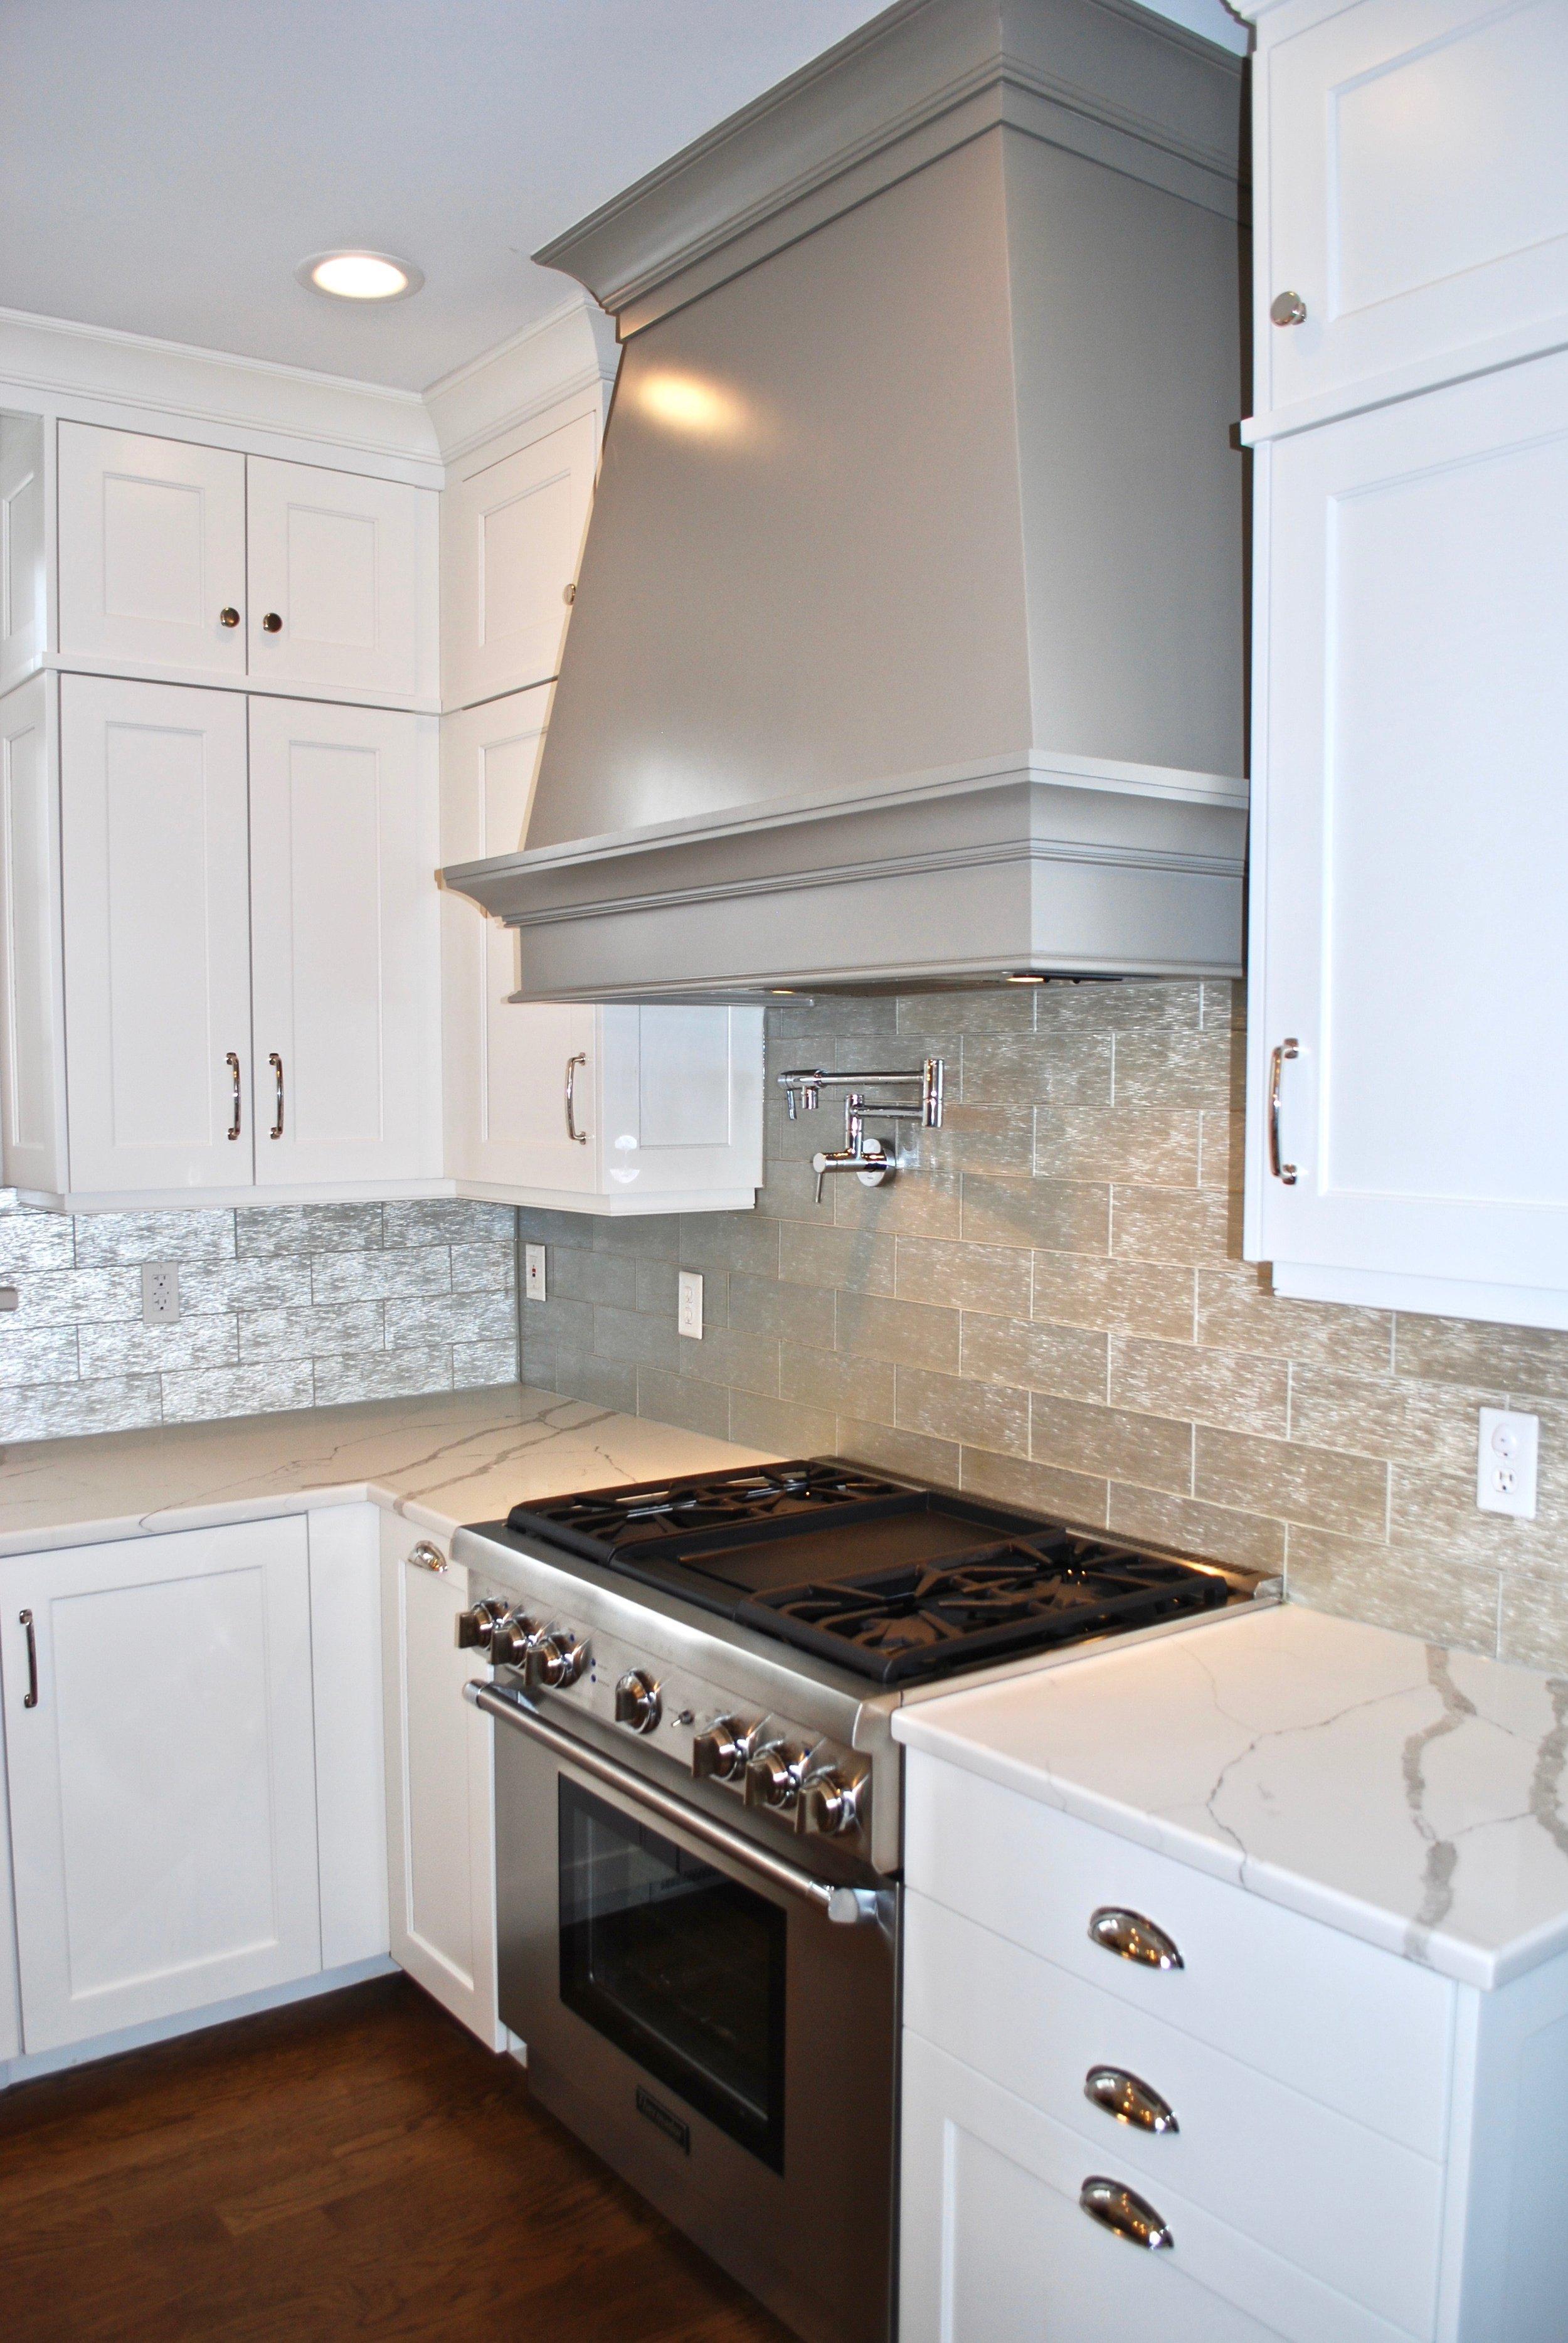 Custom Kitchen Updating in St. Charles IL. 60174 & 60175. Campton Hills IL. Fox Mill